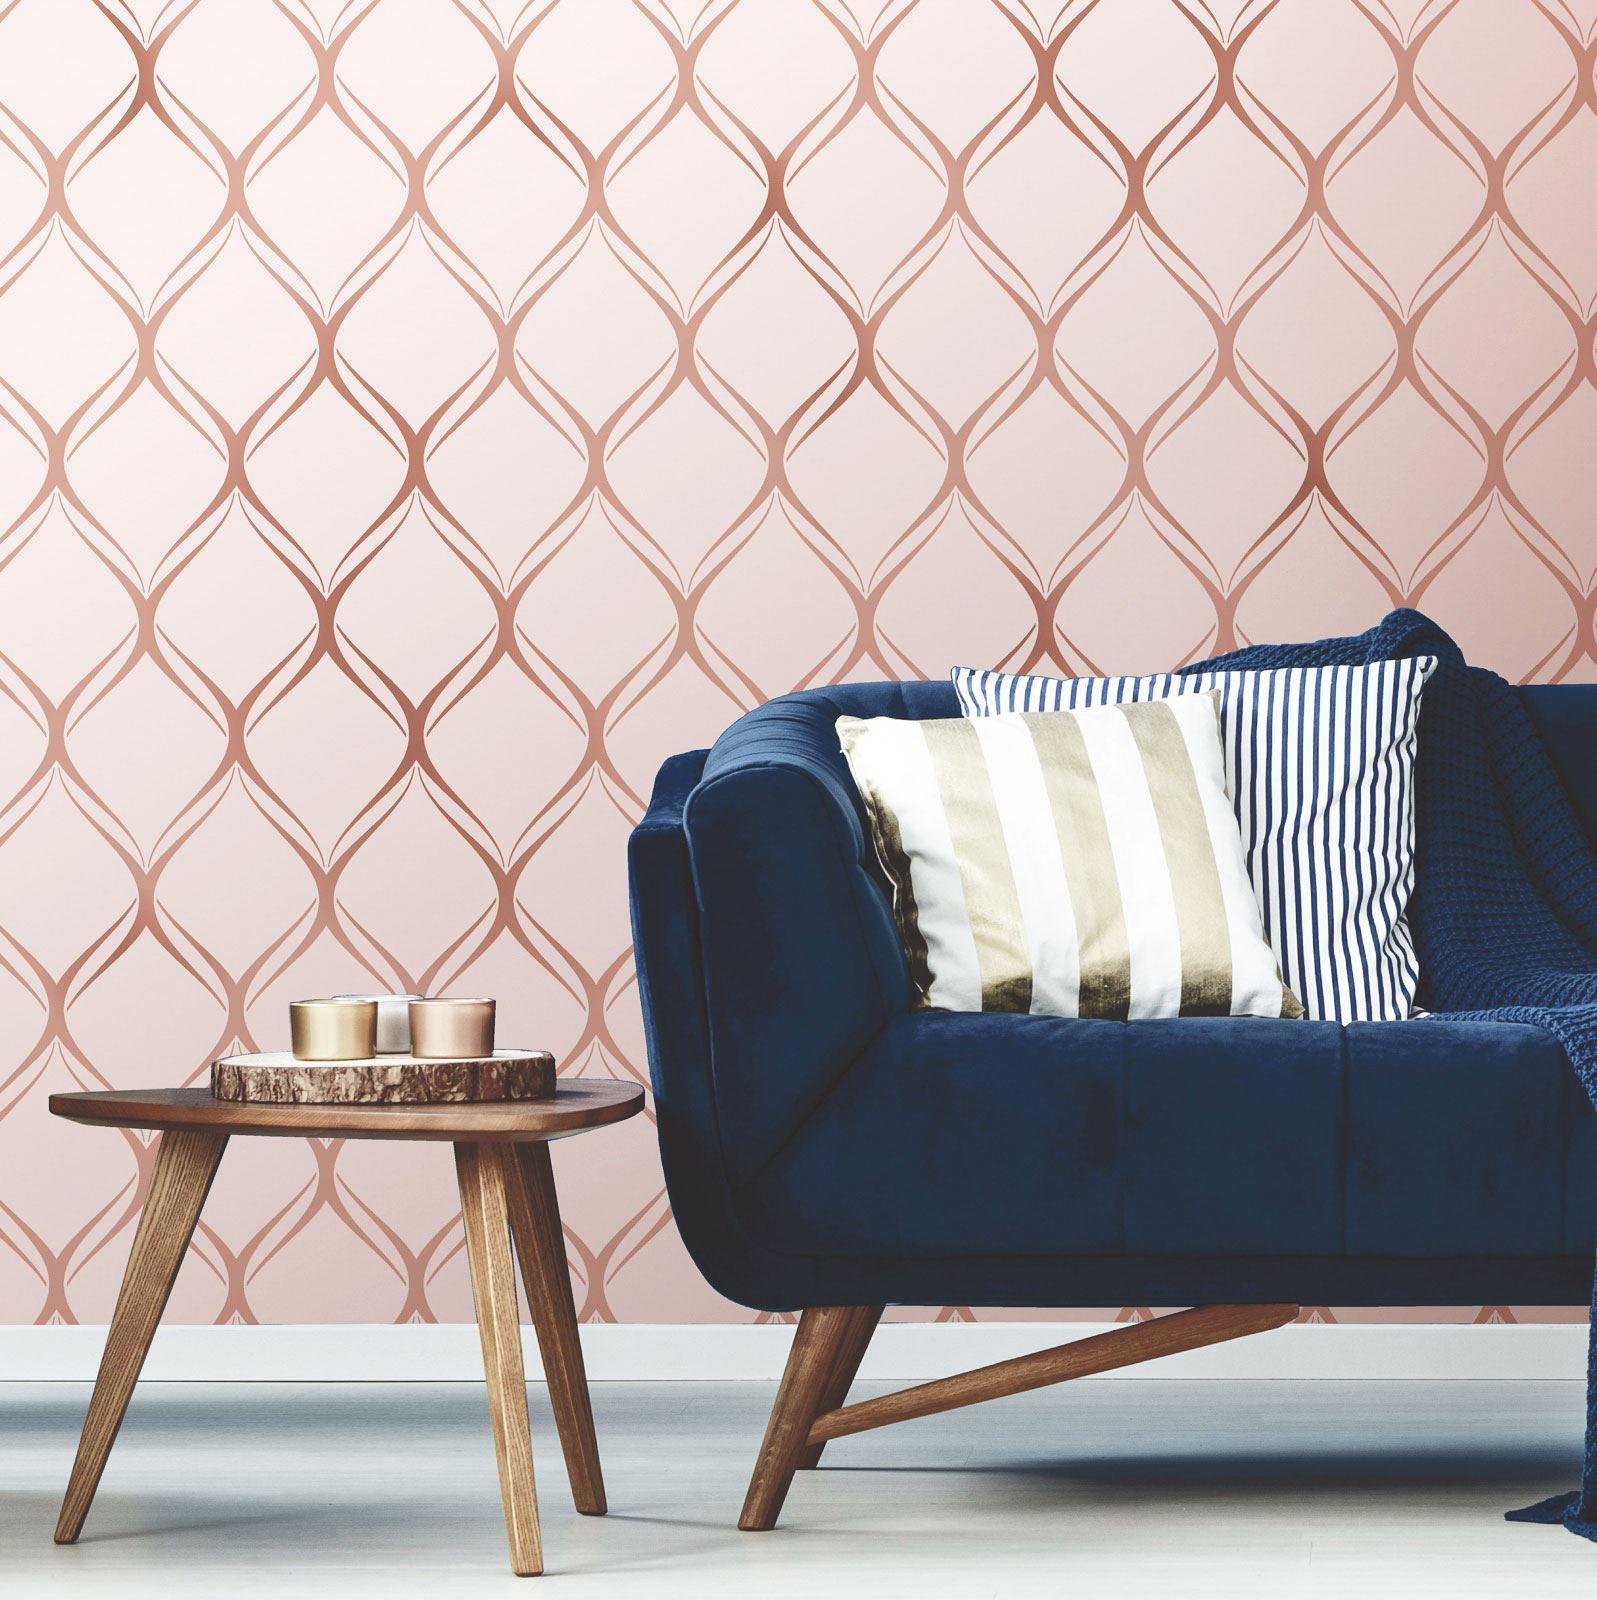 Rotgold-Tapete-Grau-Creme-Exotisch-Blumen-Tropisch-Palme-Blaetter-Geometrisch Indexbild 16